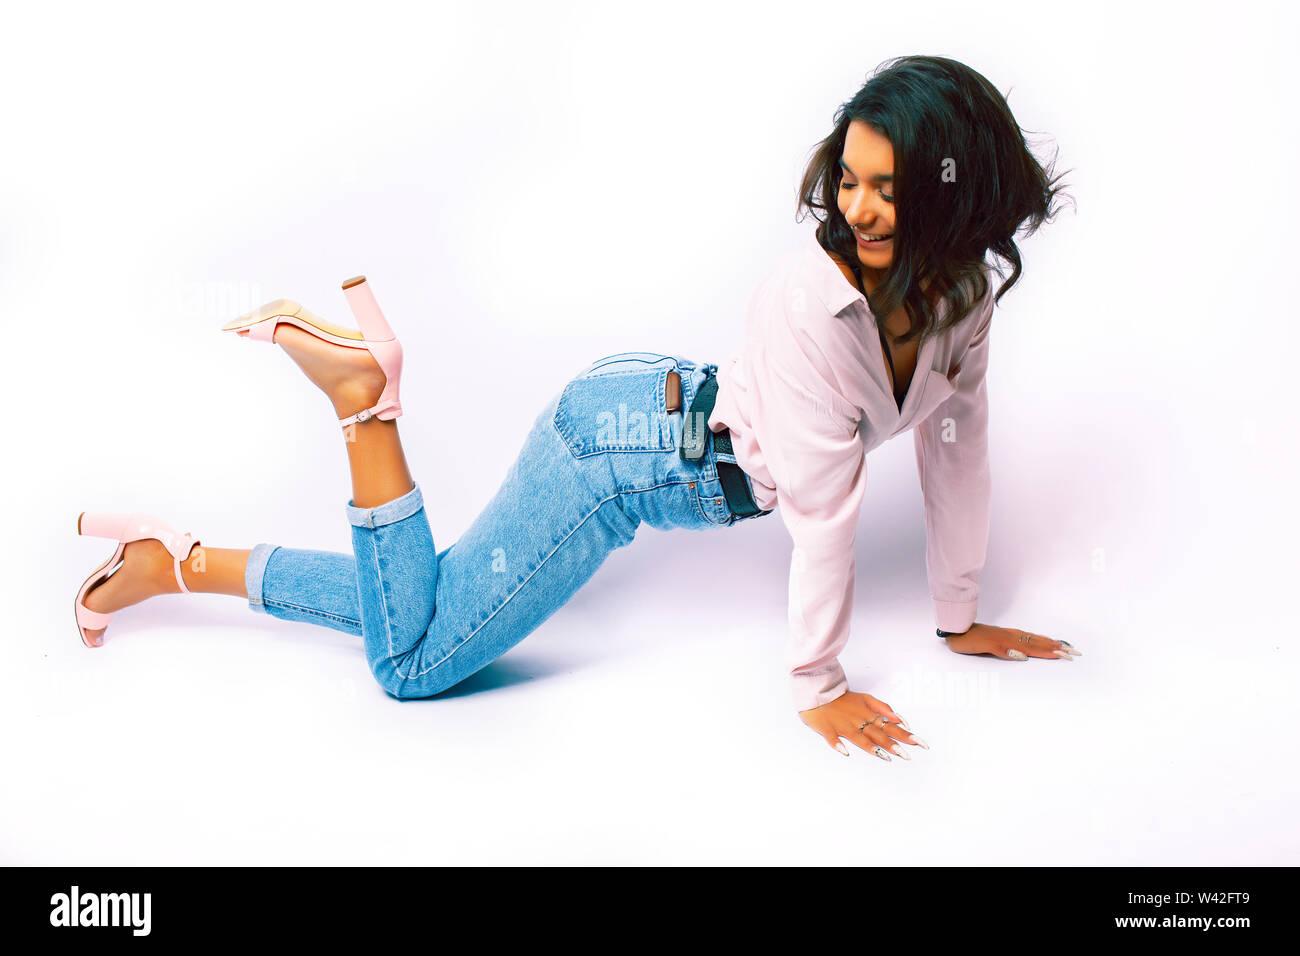 Jolie jeune fille indienne moderne en posant clothers occasionnels isolé sur fond blanc, le mode de vie de personnes concept Photo Stock